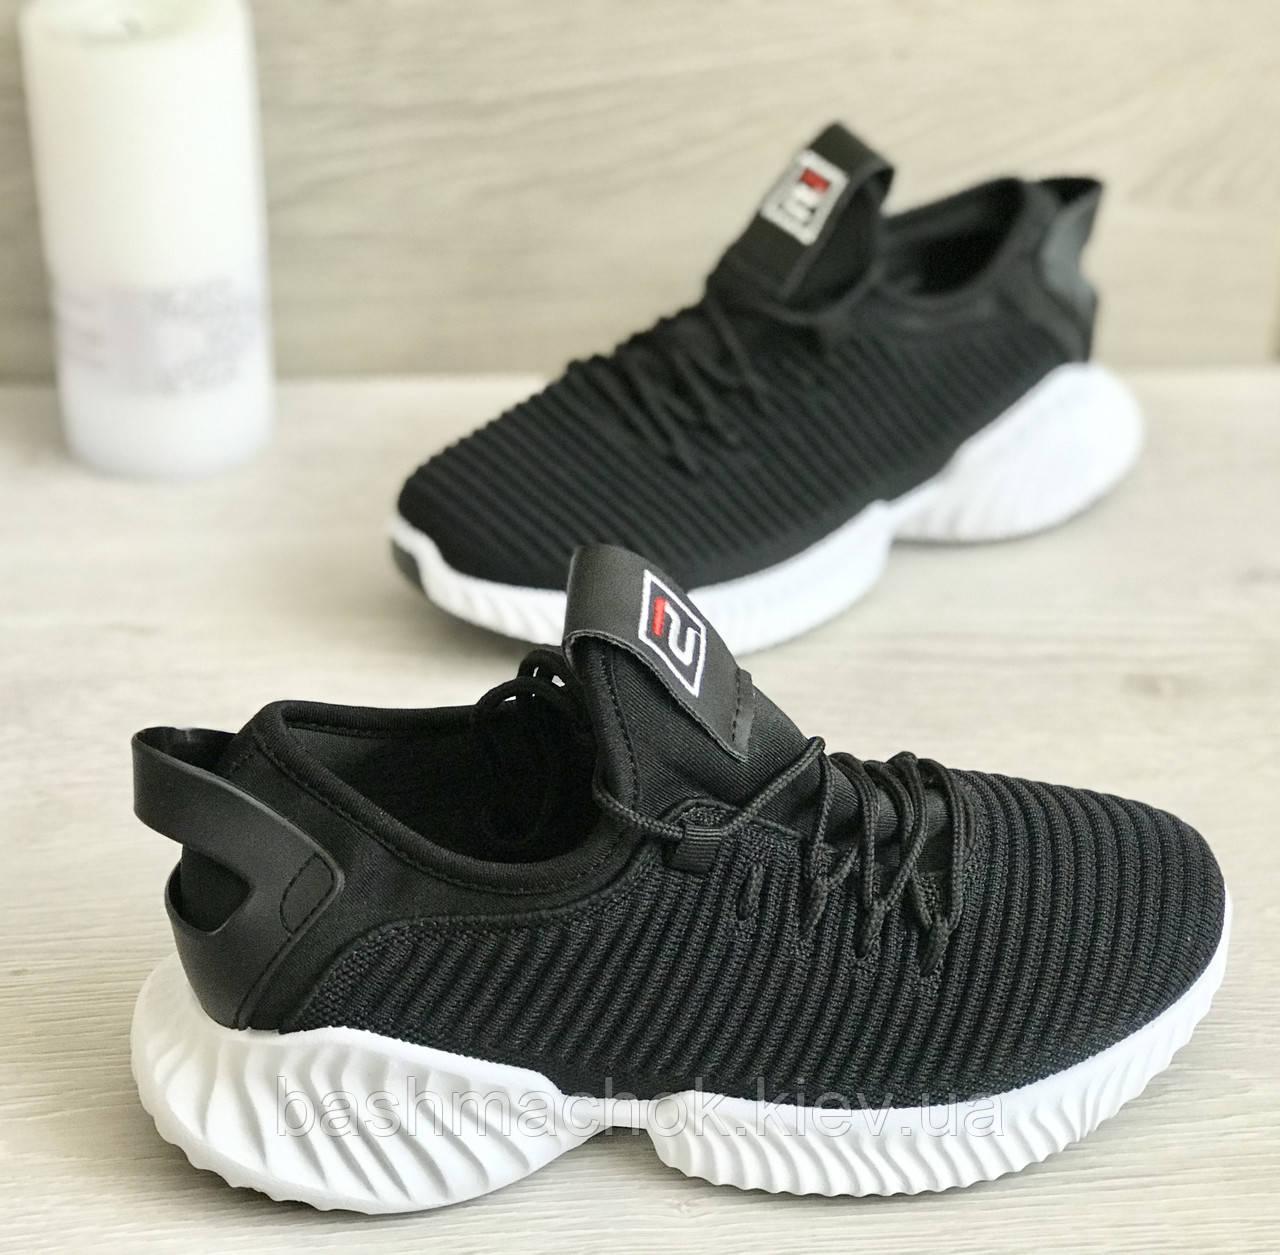 Подростковые кроссовки для мальчиков и девочек размеры 39,41